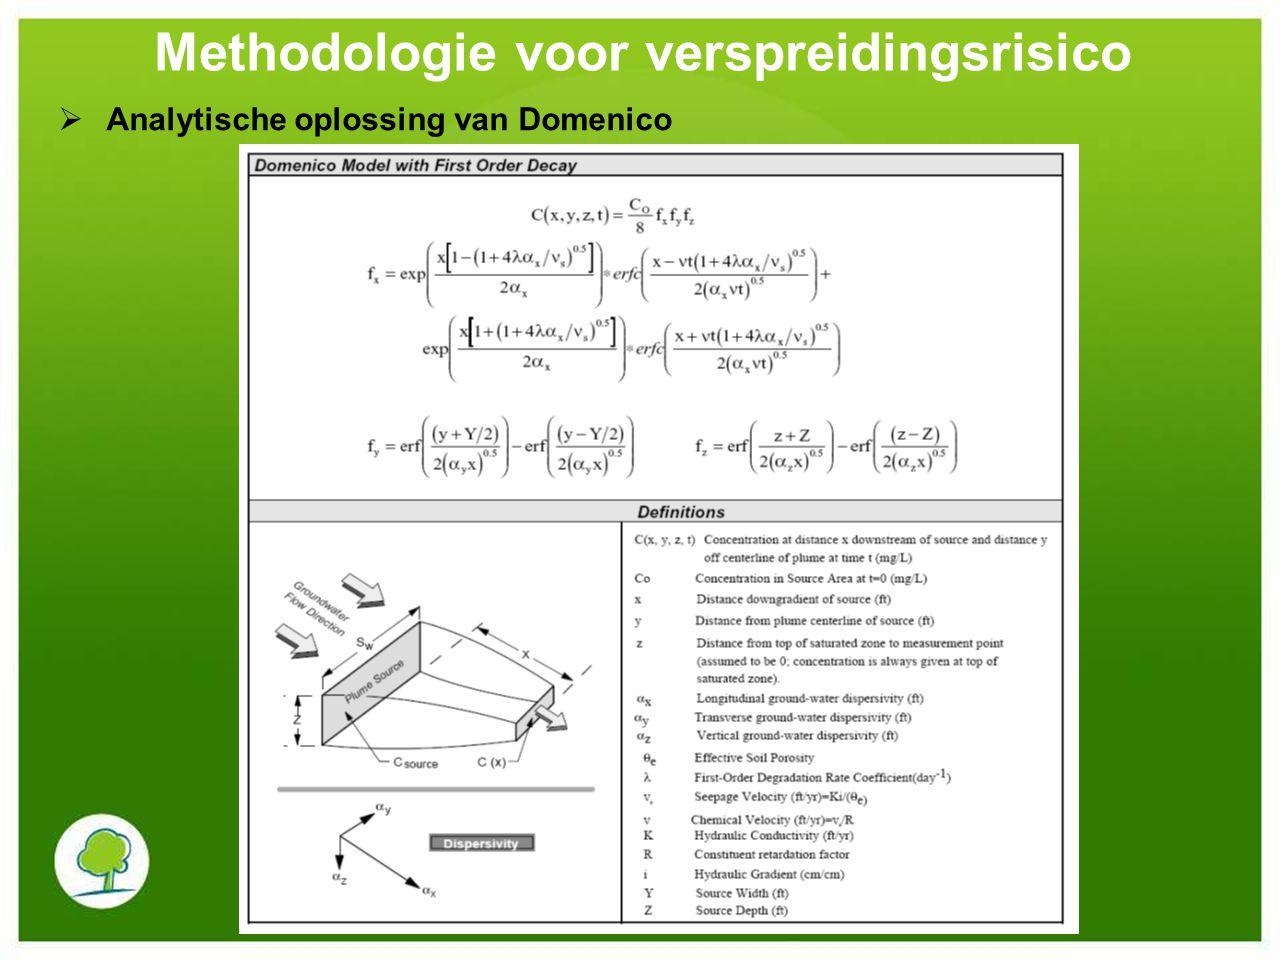 NeeJa Nee Methodologie voor verspreidingsrisico